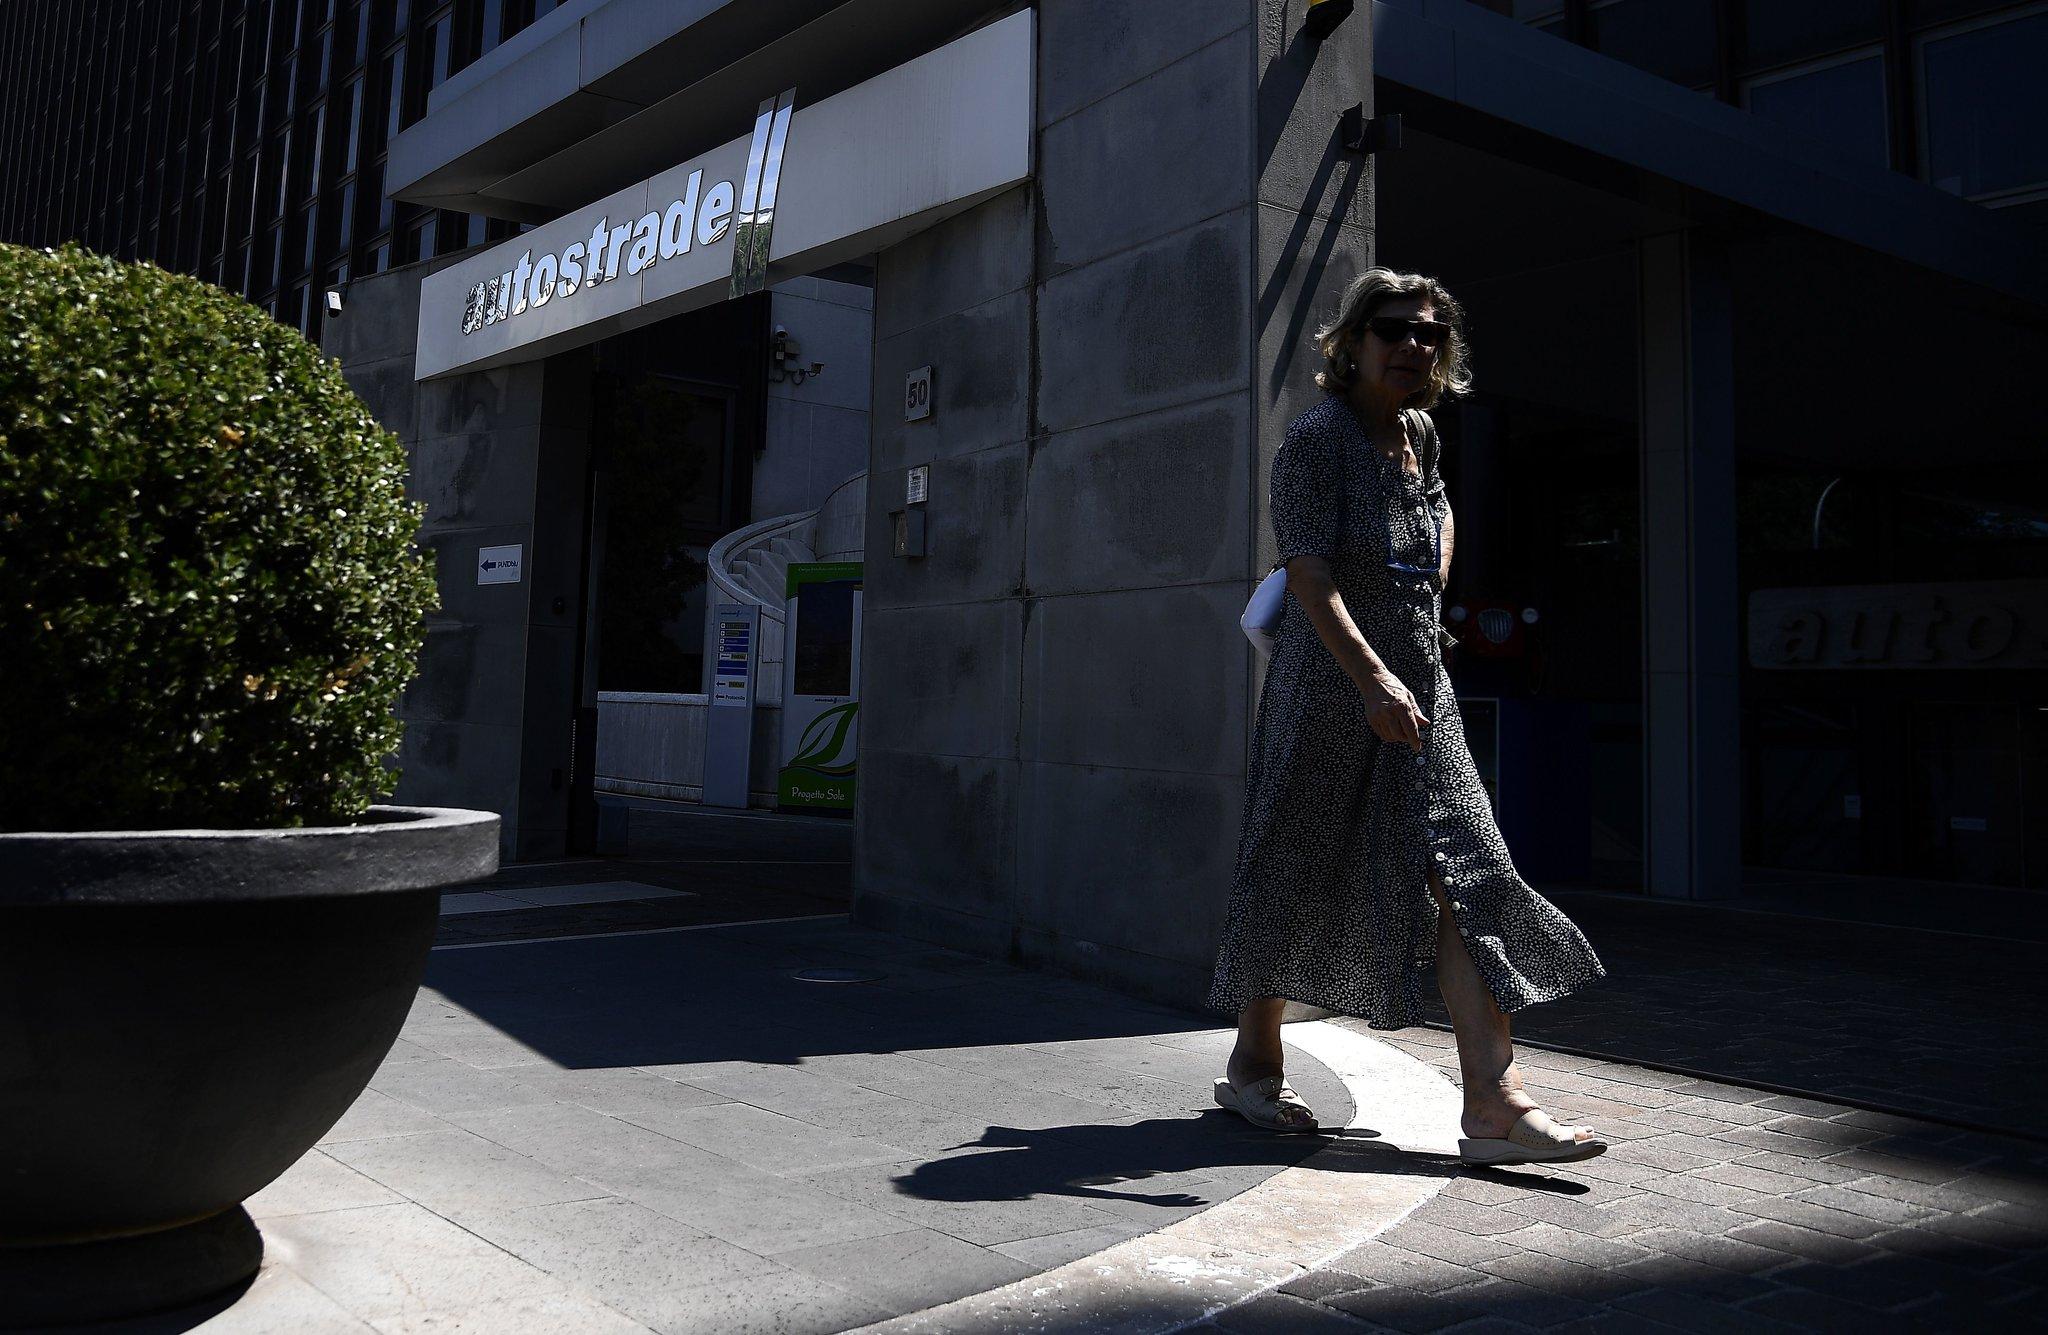 Il New York Times definisce l'impero autostradale dei Benetton un caso di fallimento della privatizzazione